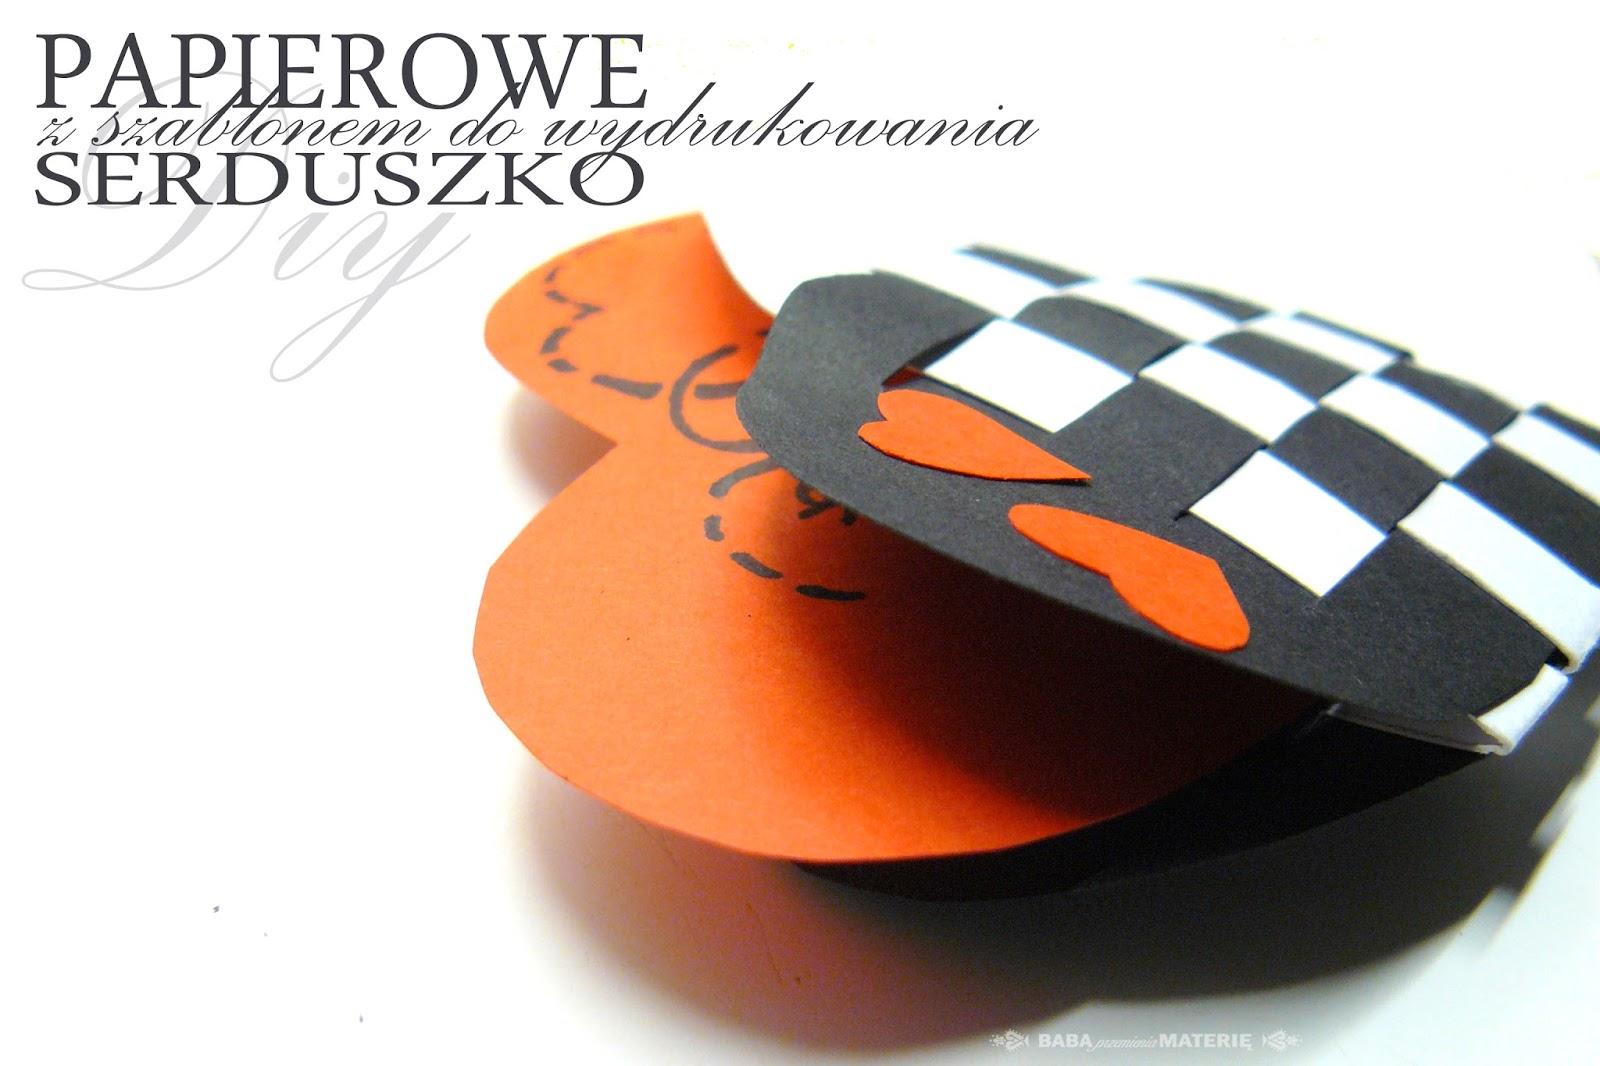 http://babaprzemieniamaterie.blogspot.com/2016/02/serduszko-diy-z-szablonem-do-pobrania-i.html